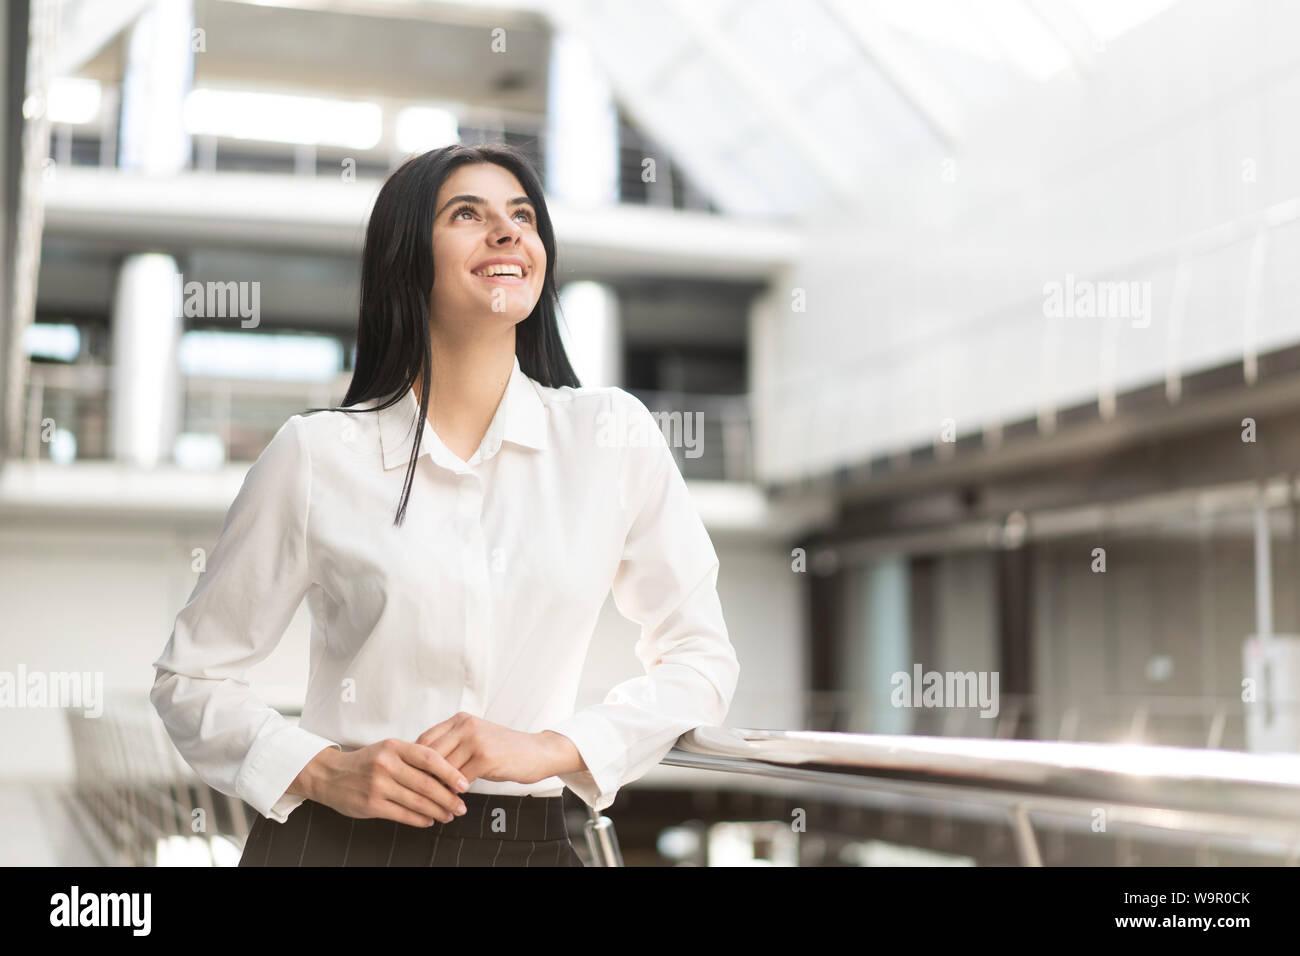 Девушка студентка работа сочи работа моделью